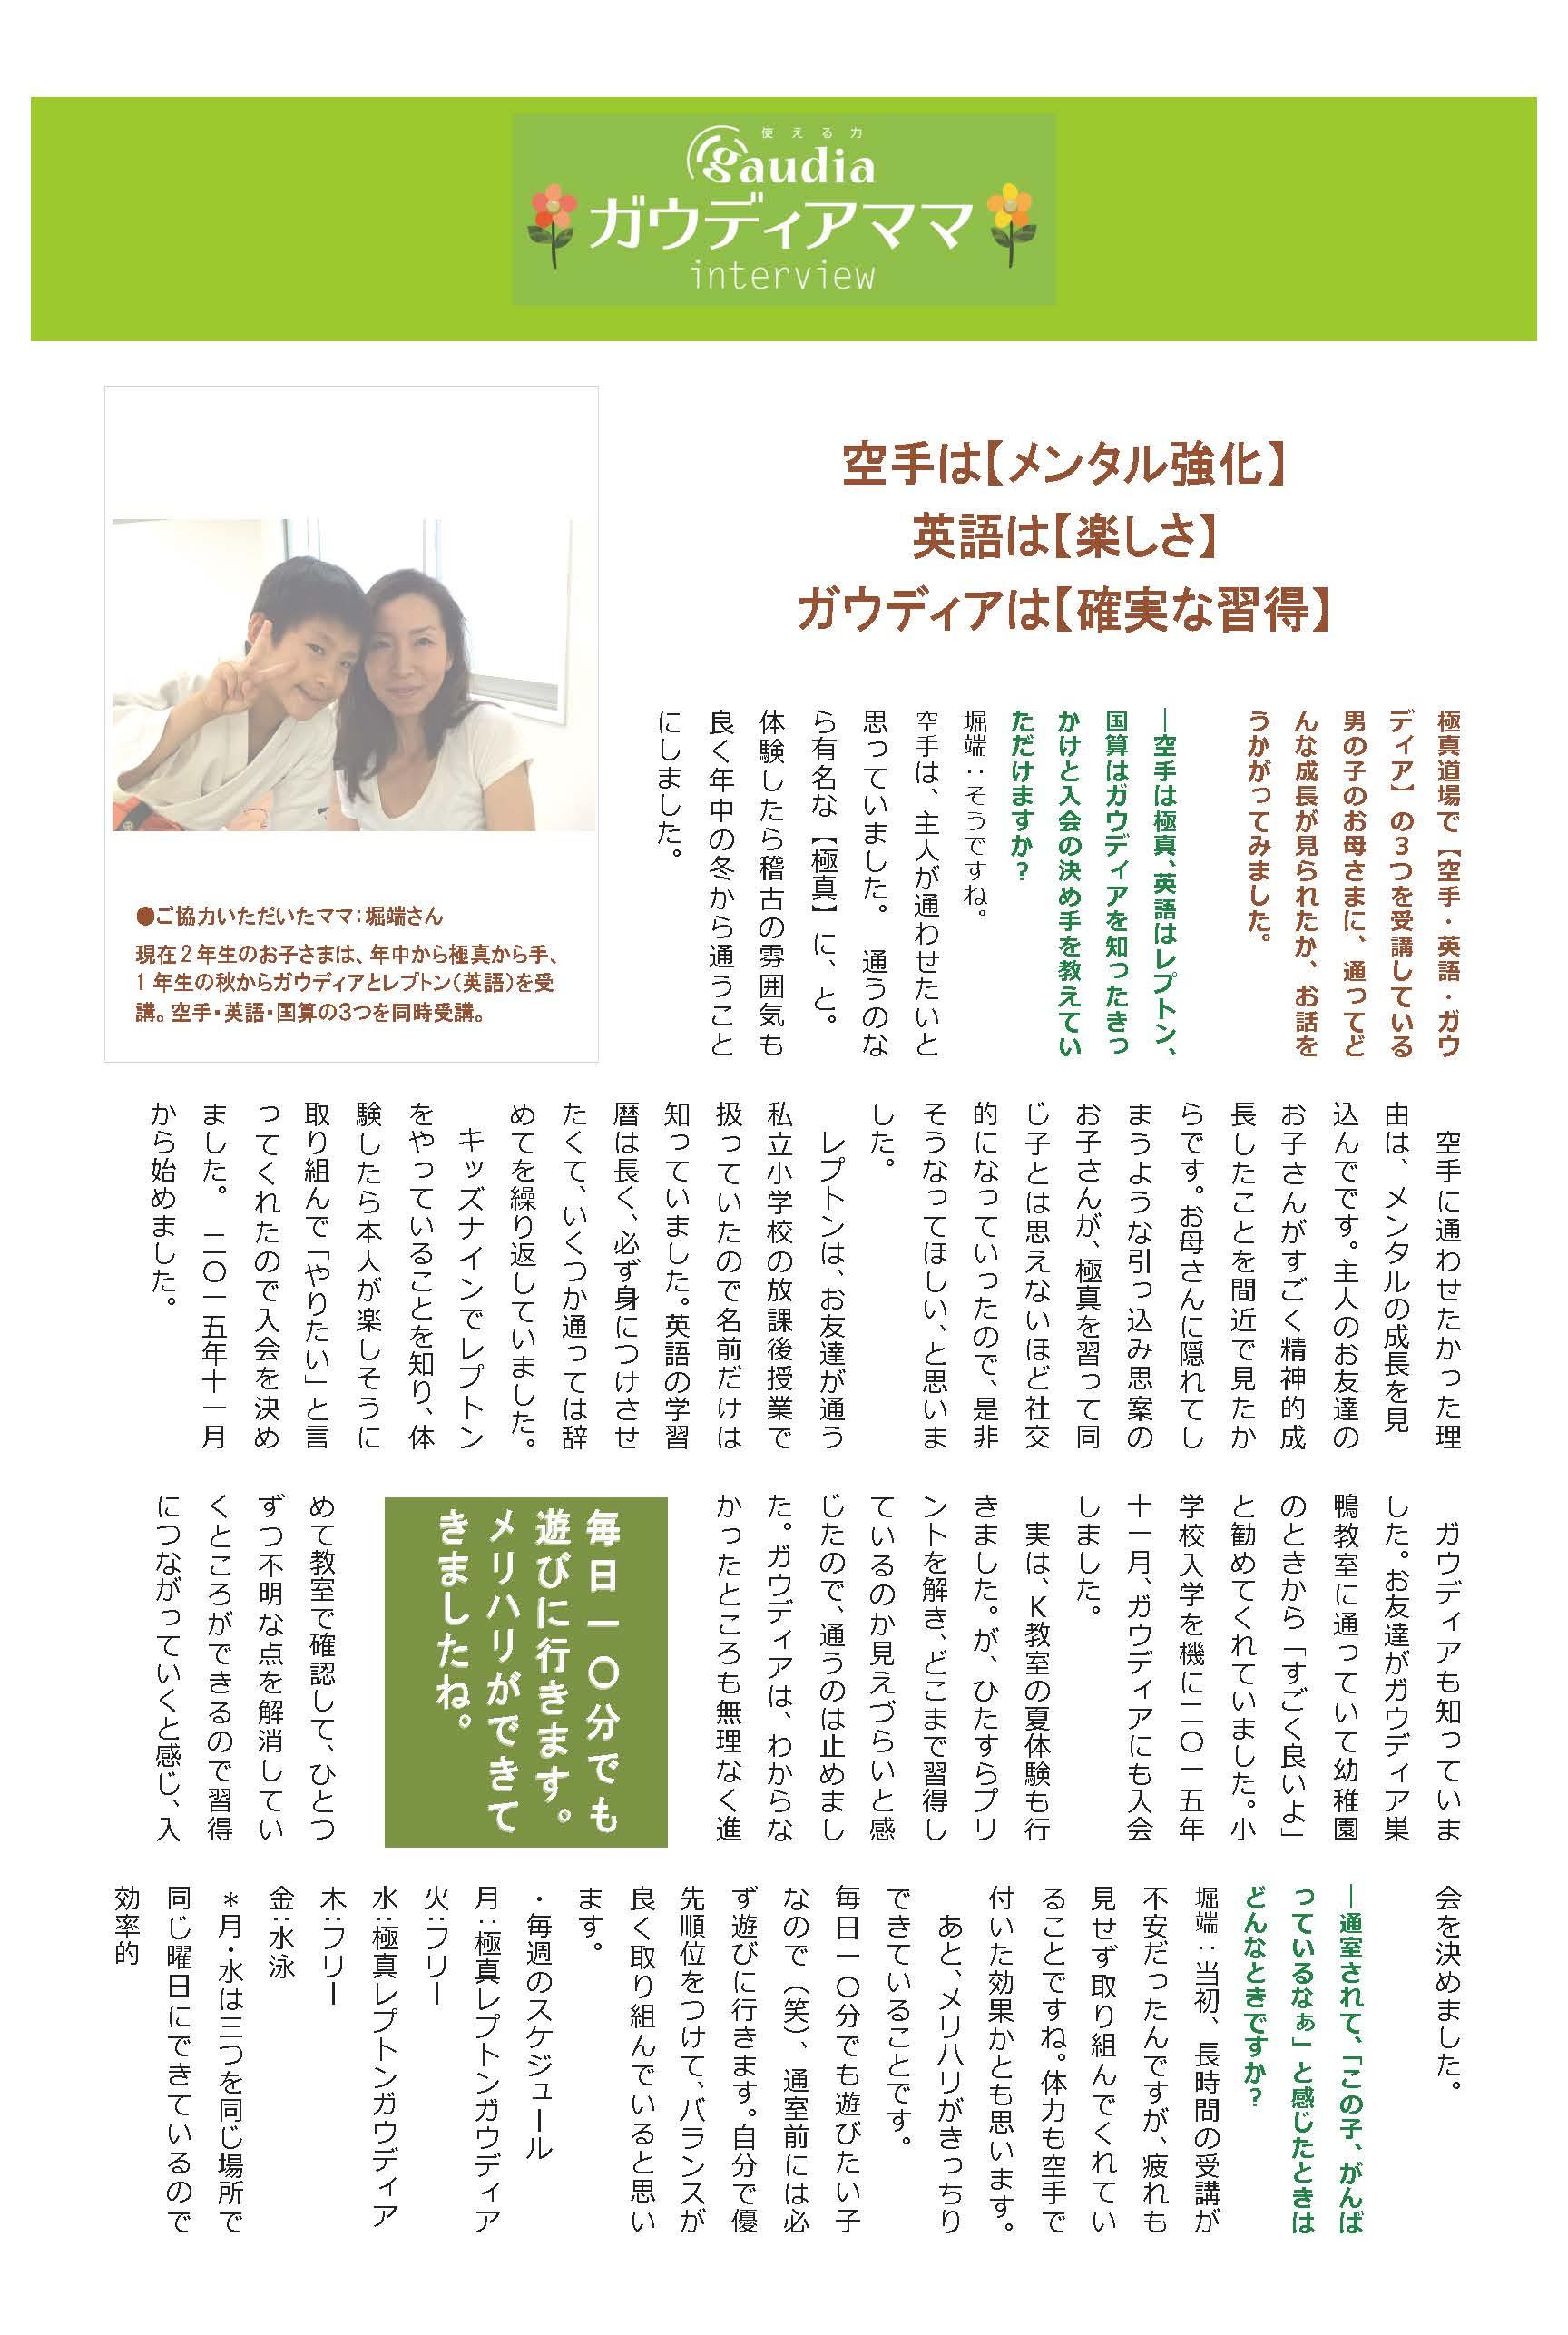 ガウママインタビュー_極真池袋123_ページ_1